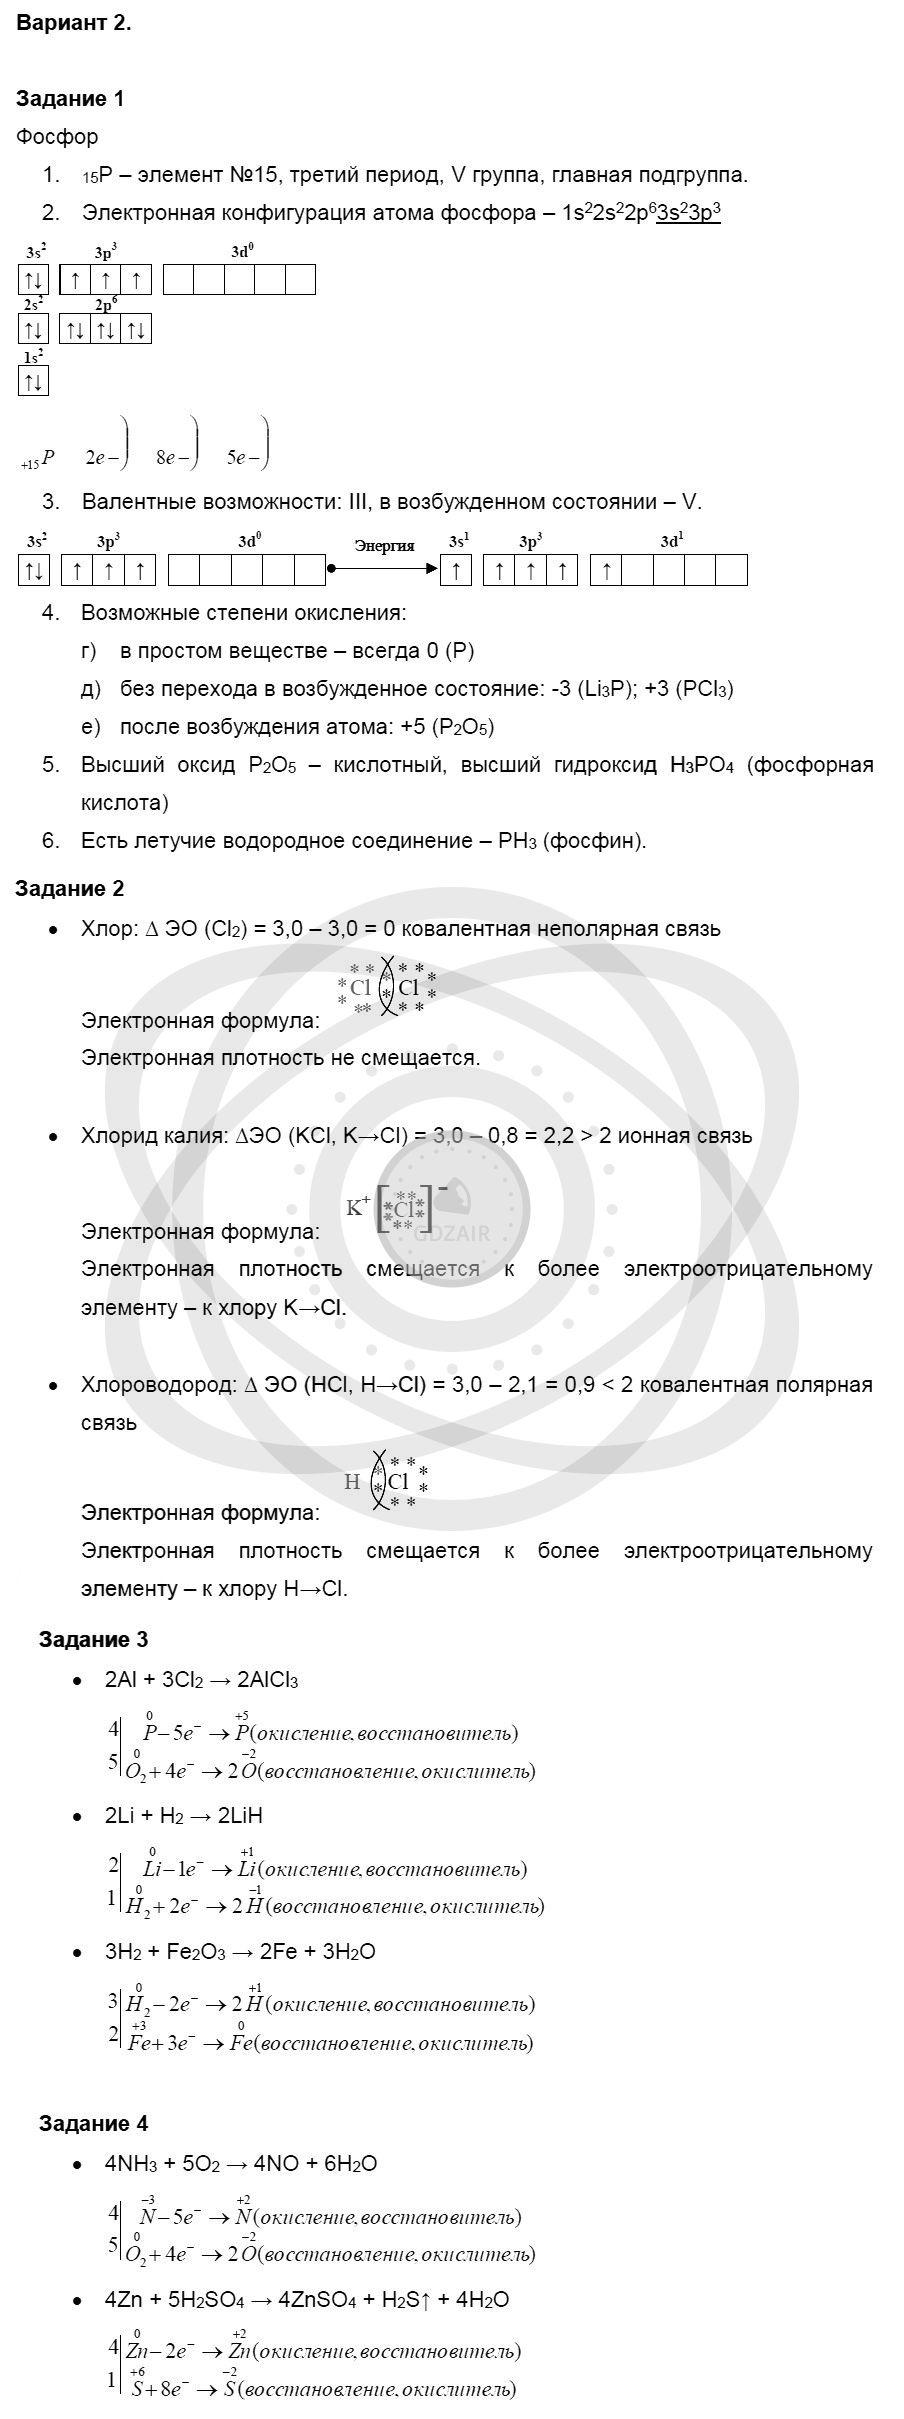 Химия 8 класс Кузнецова Н. Е. Глава 7. Строение вещества. Химические реакции в свете электронной теории / Контрольная работа: Вариант 2